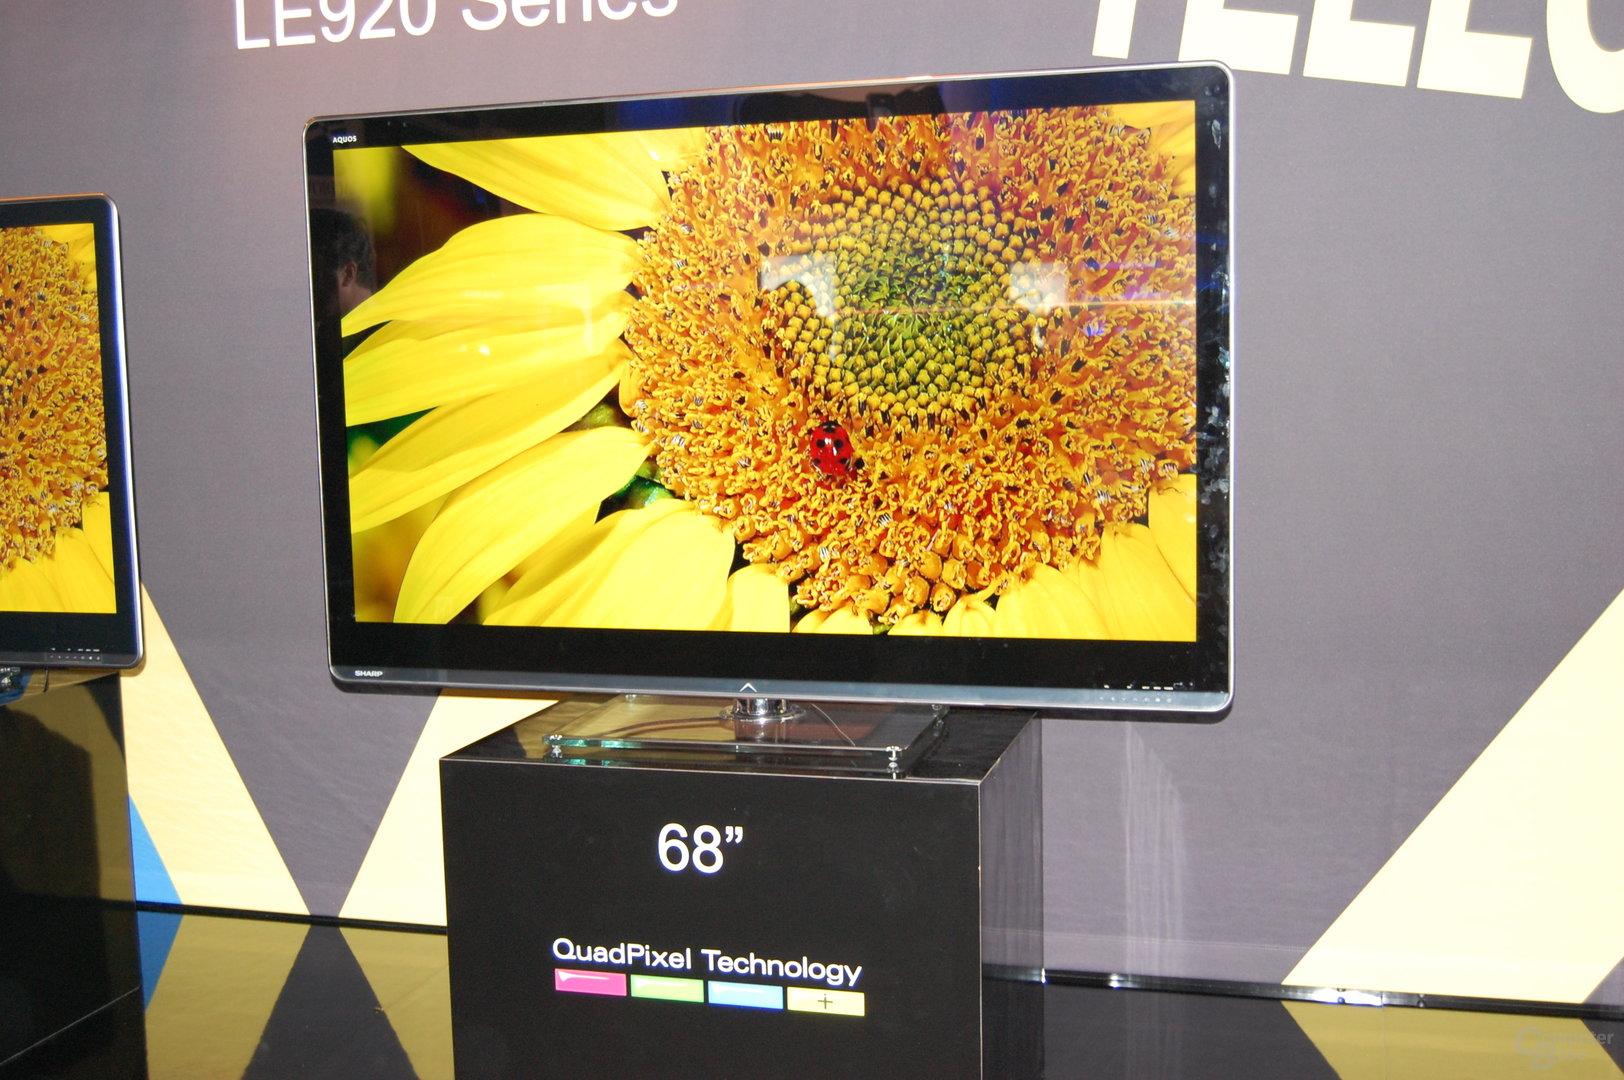 HDTVs von Sharp mit QuadPixel